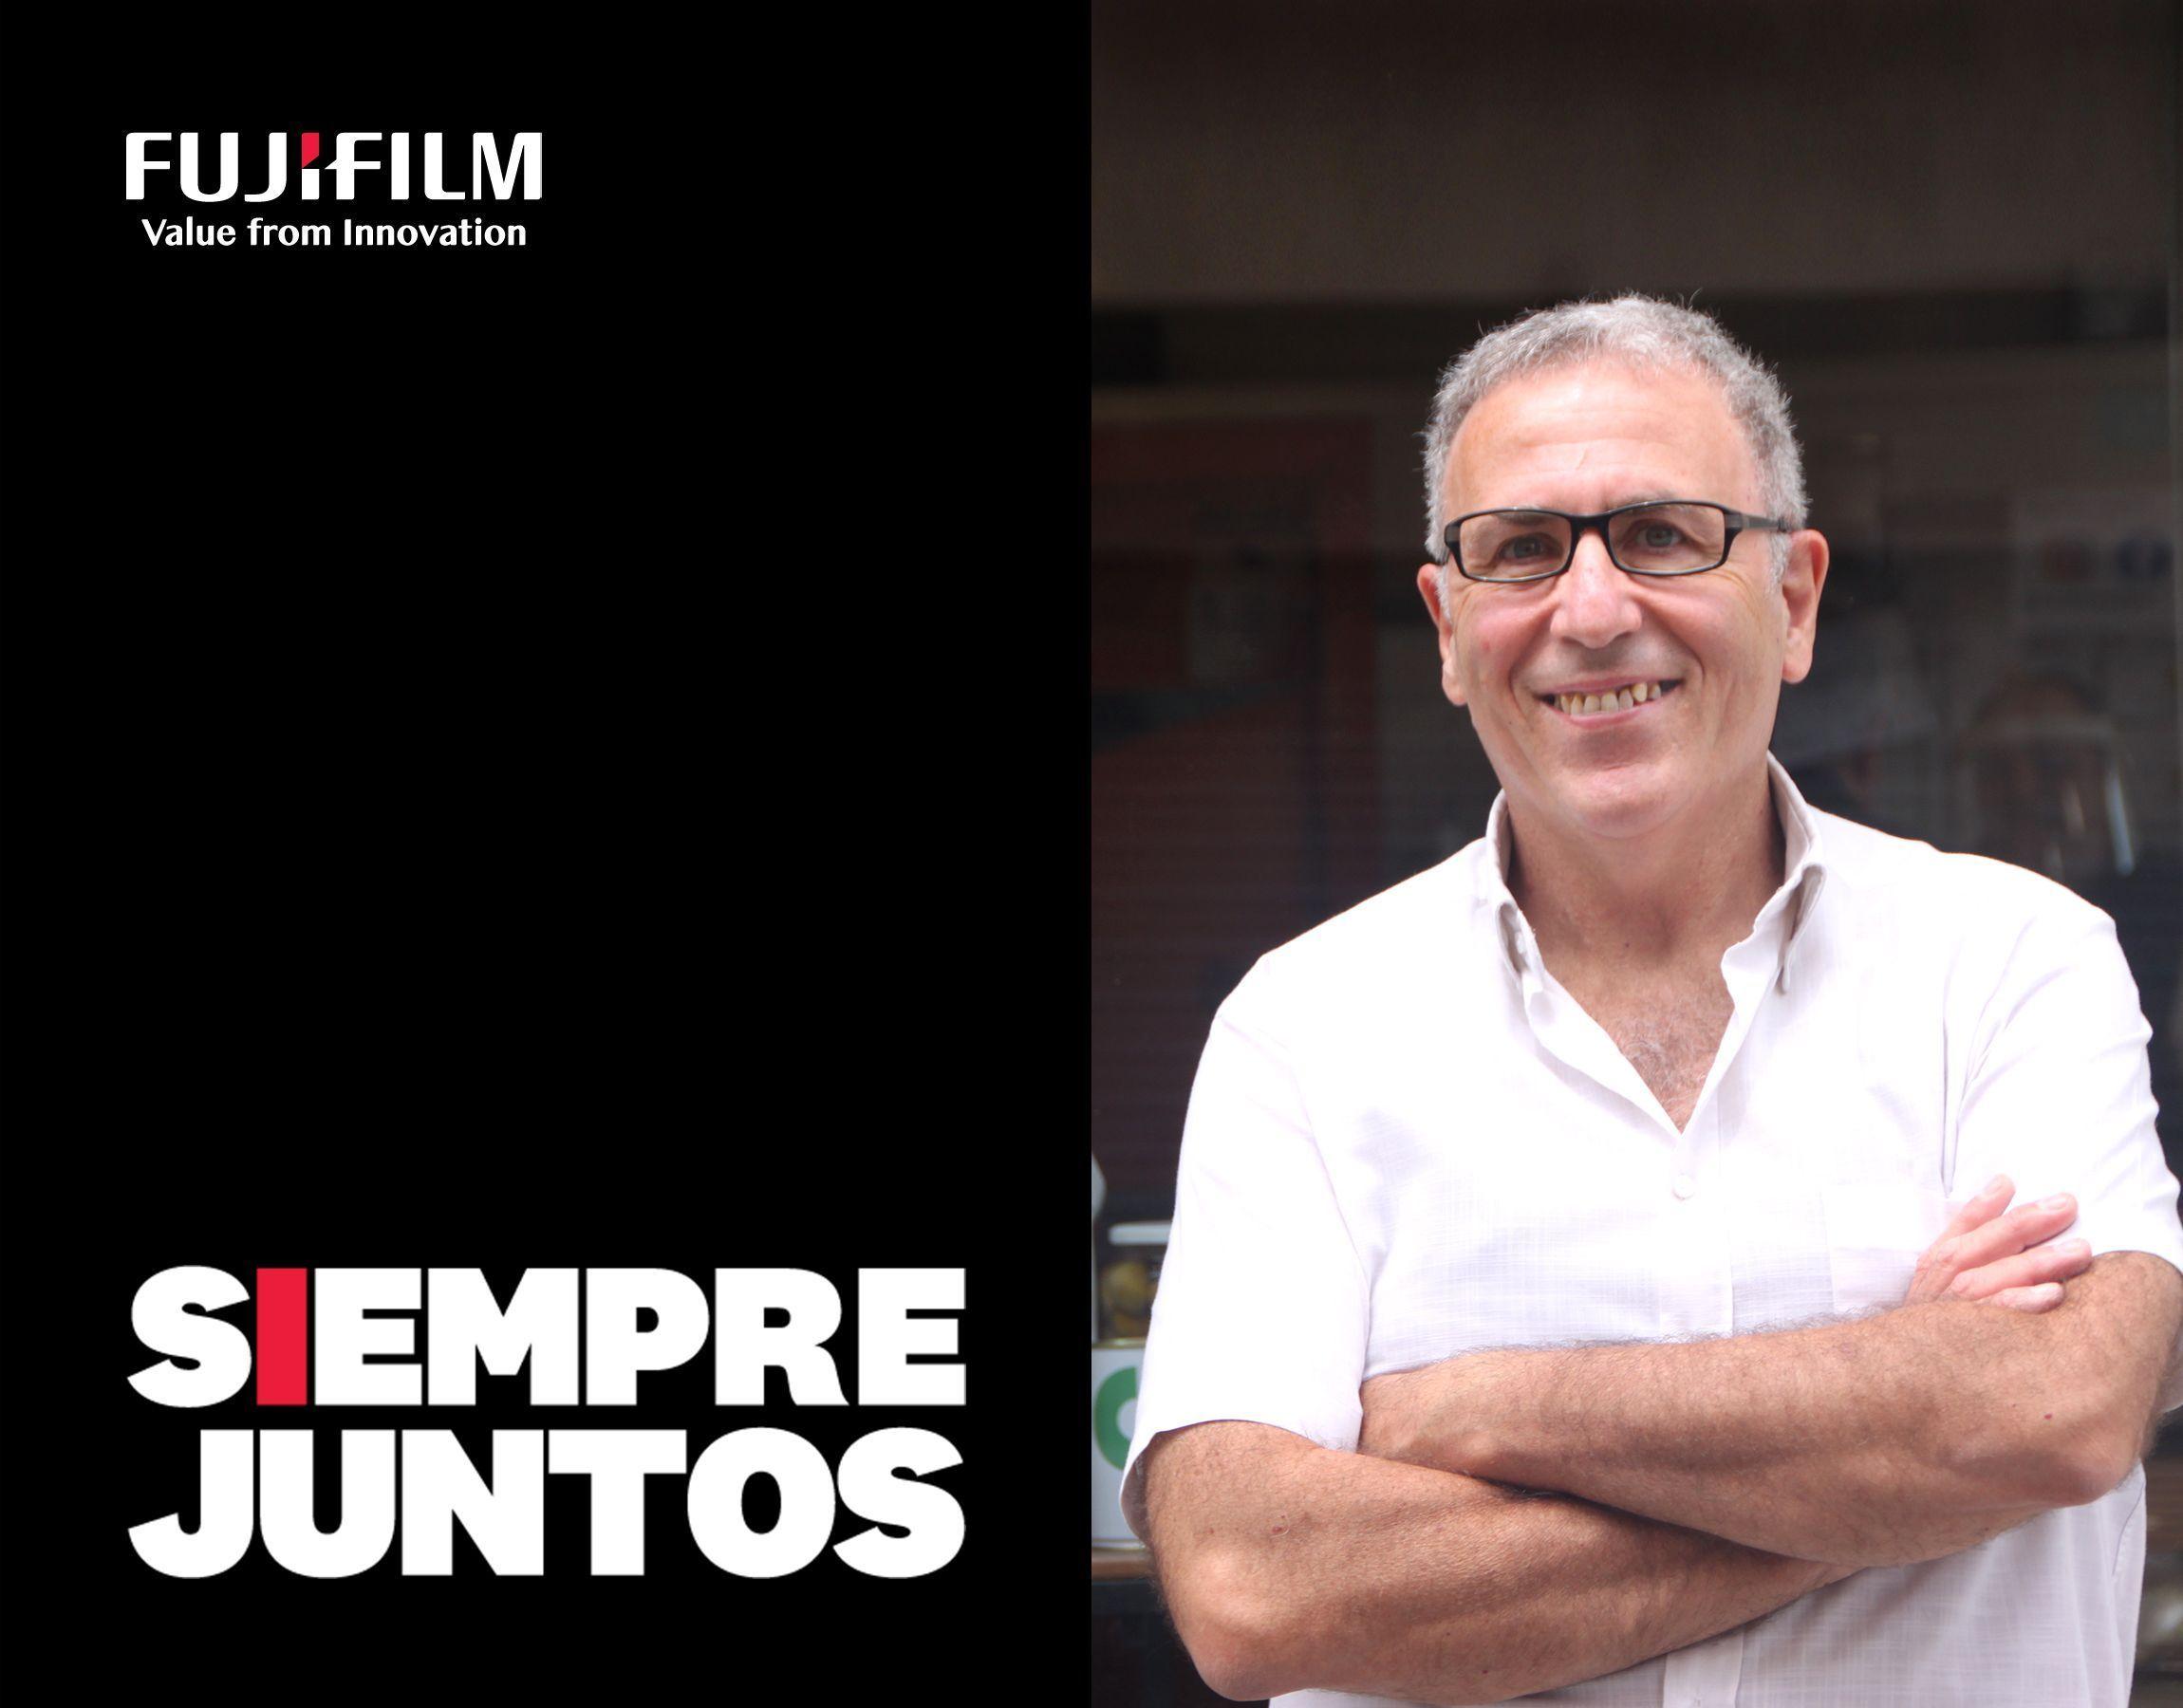 Fujifilm – Siempre Juntos